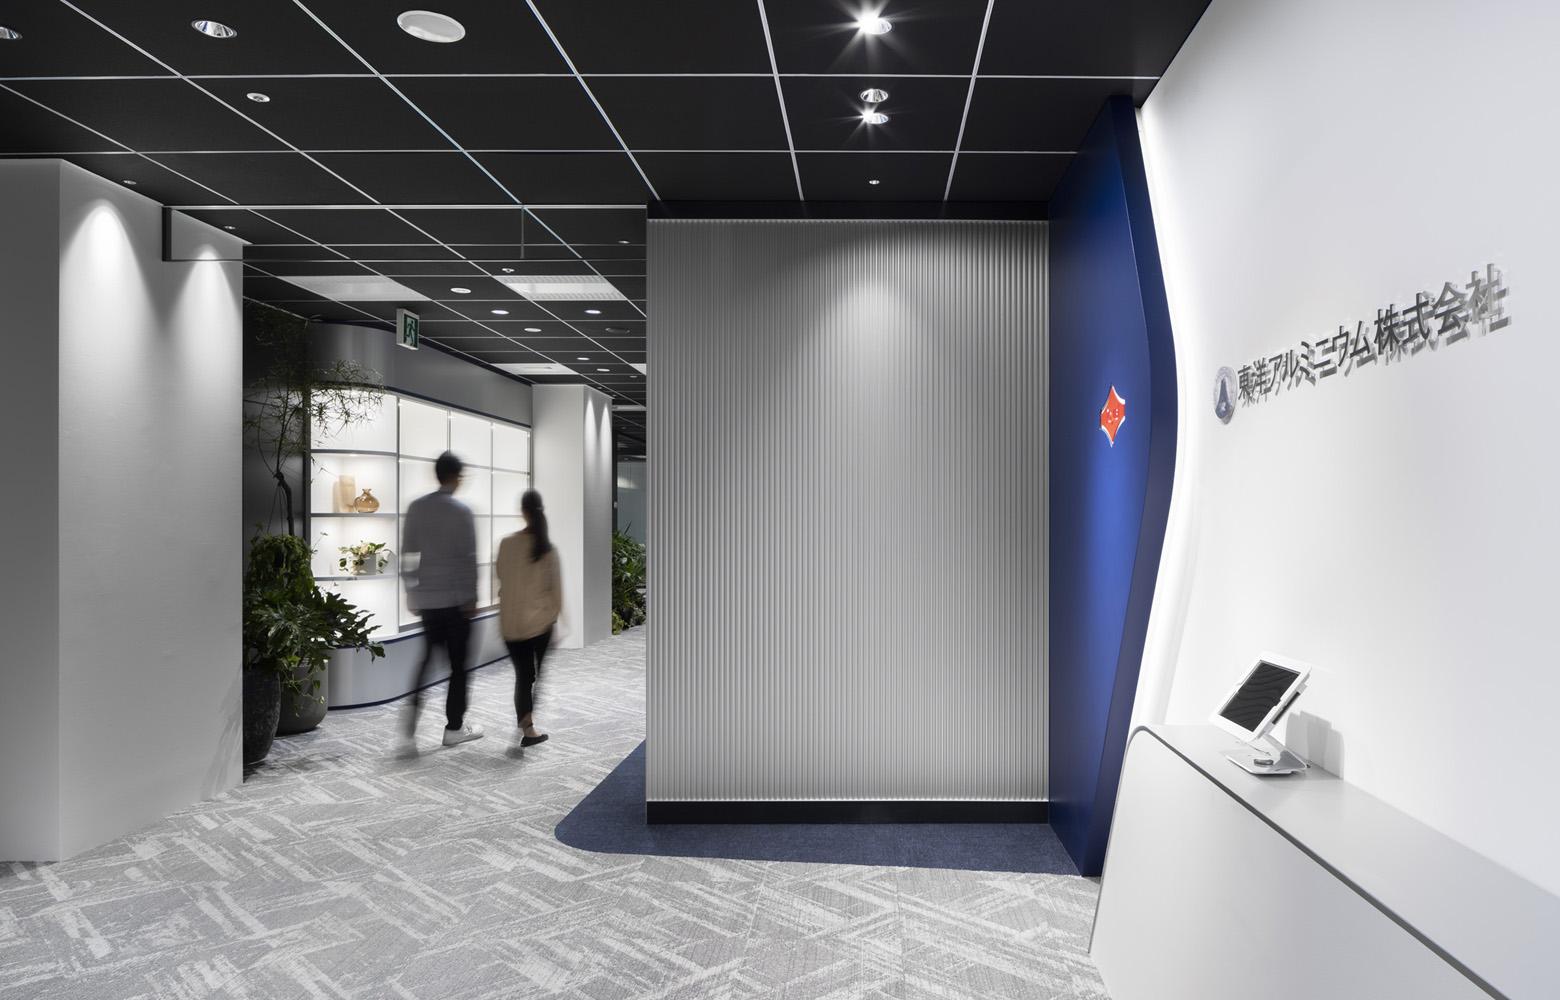 東洋アルミニウム株式会社 Entrance デザイン・レイアウト事例